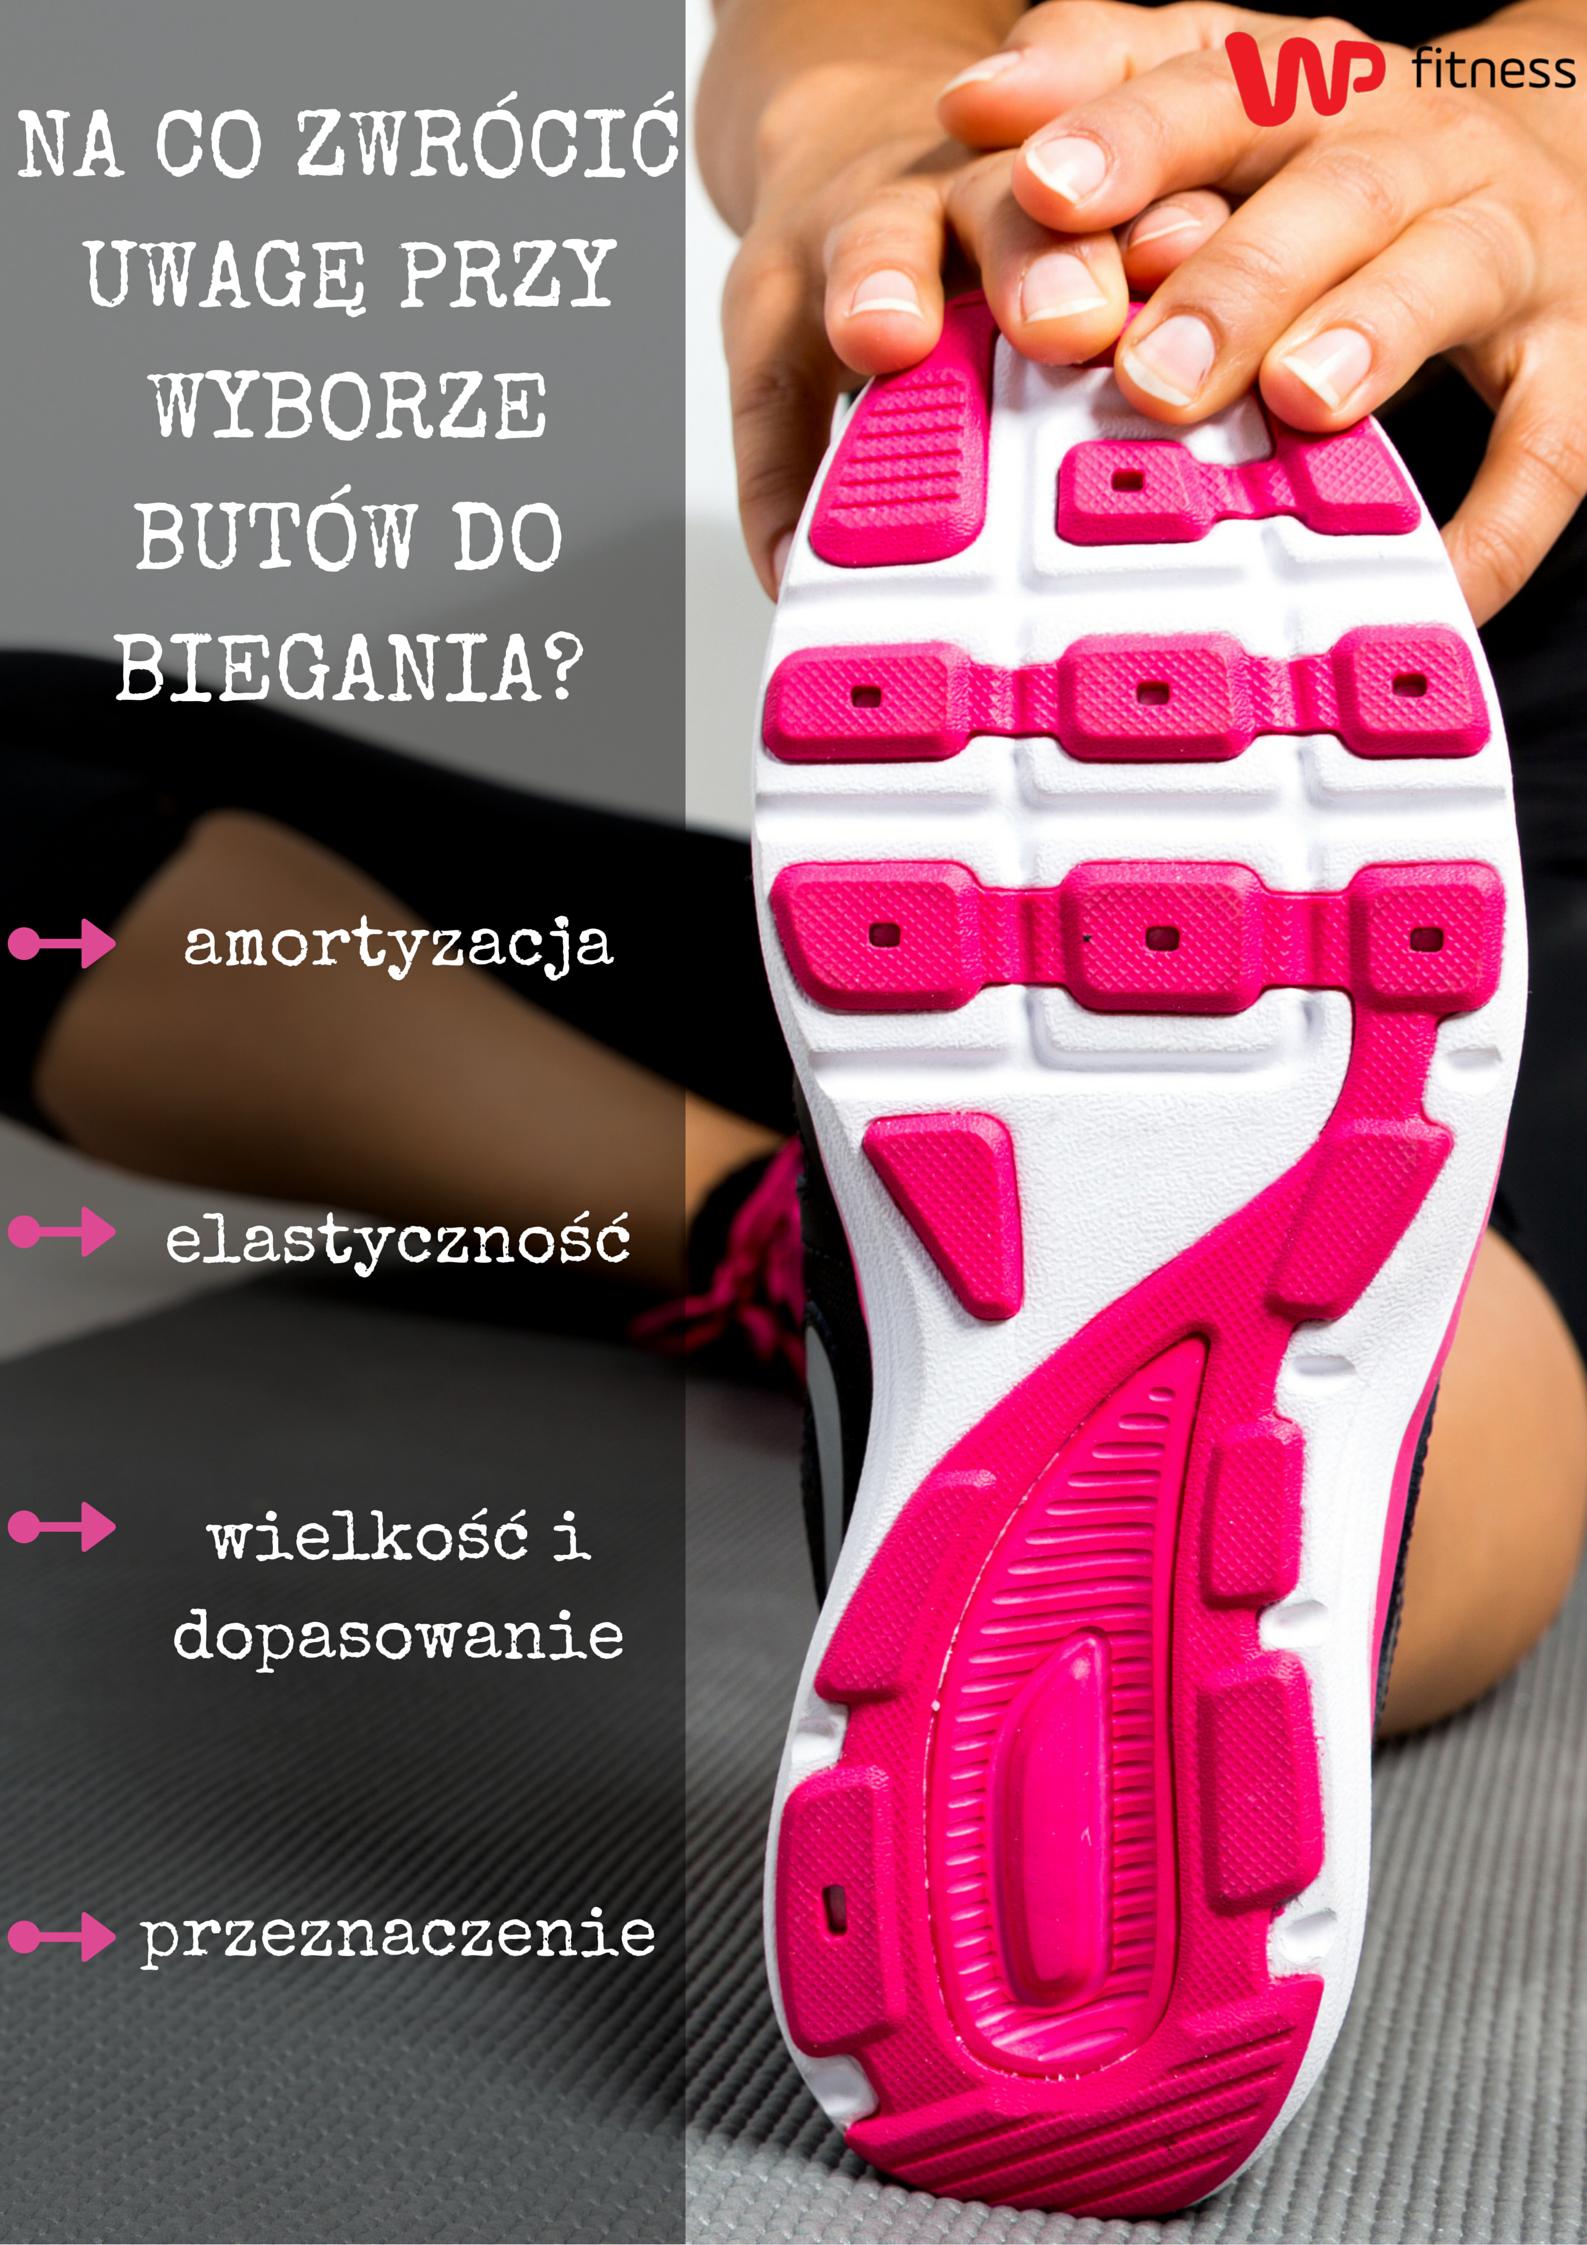 To W Czym Biegasz Jest Rownie Wazne Co Dystans Jaki Pokonujesz Runningshoes Addidas Jogging Runner Run Bieganie Butydobiegania Wearable Fitbit Fashion